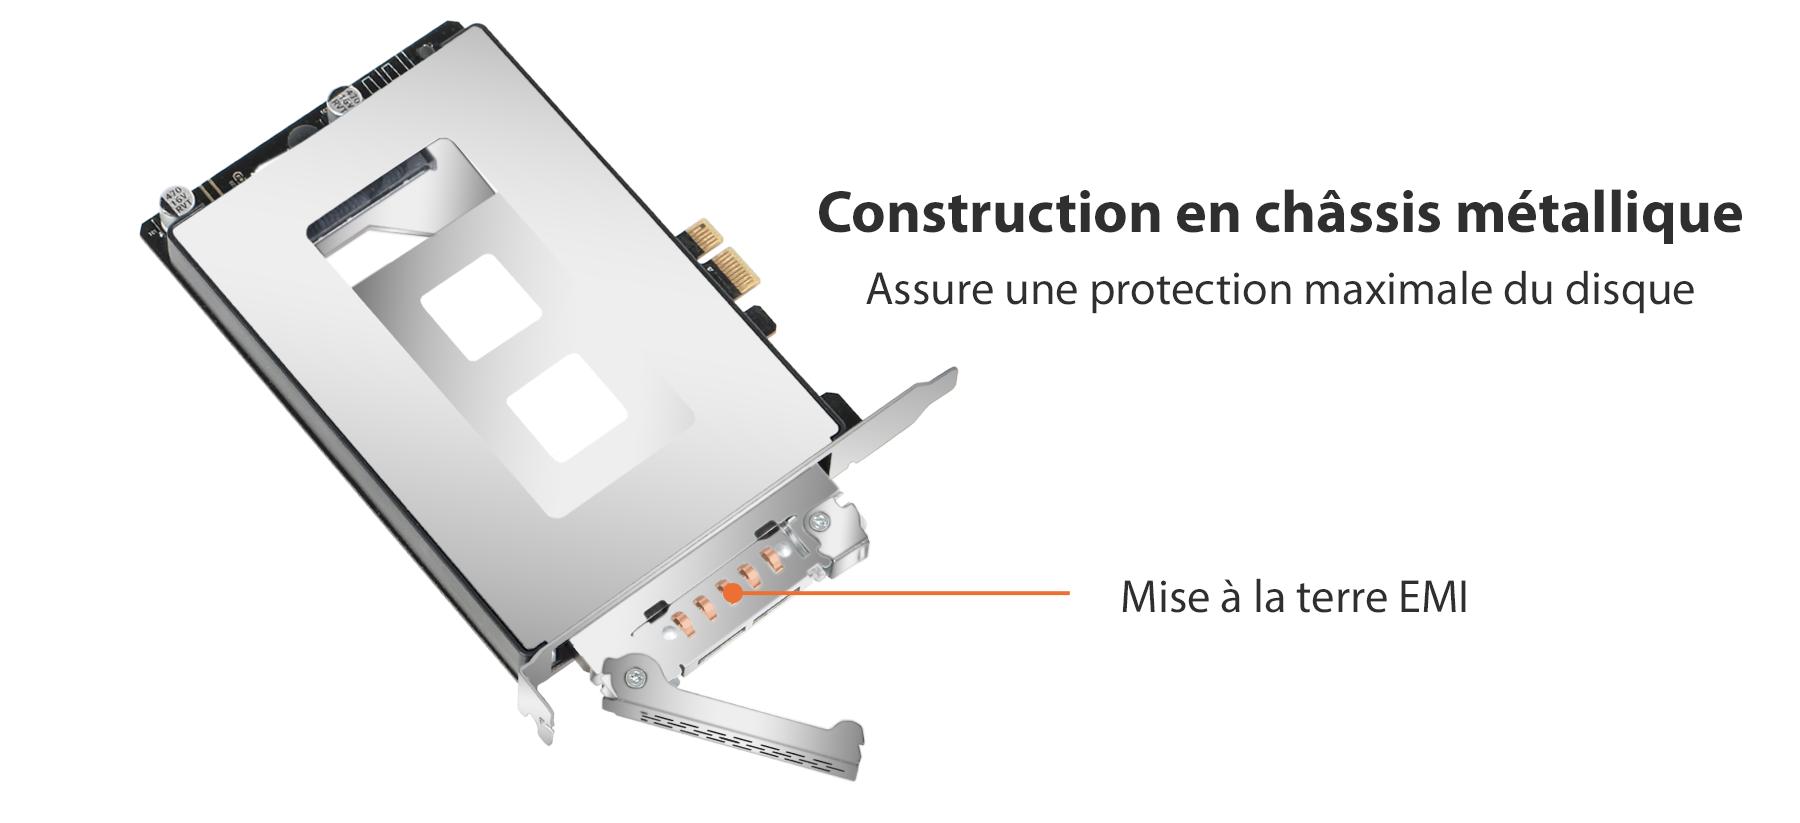 Photo de la construction en chassis metalique pour une protection maximale du disque